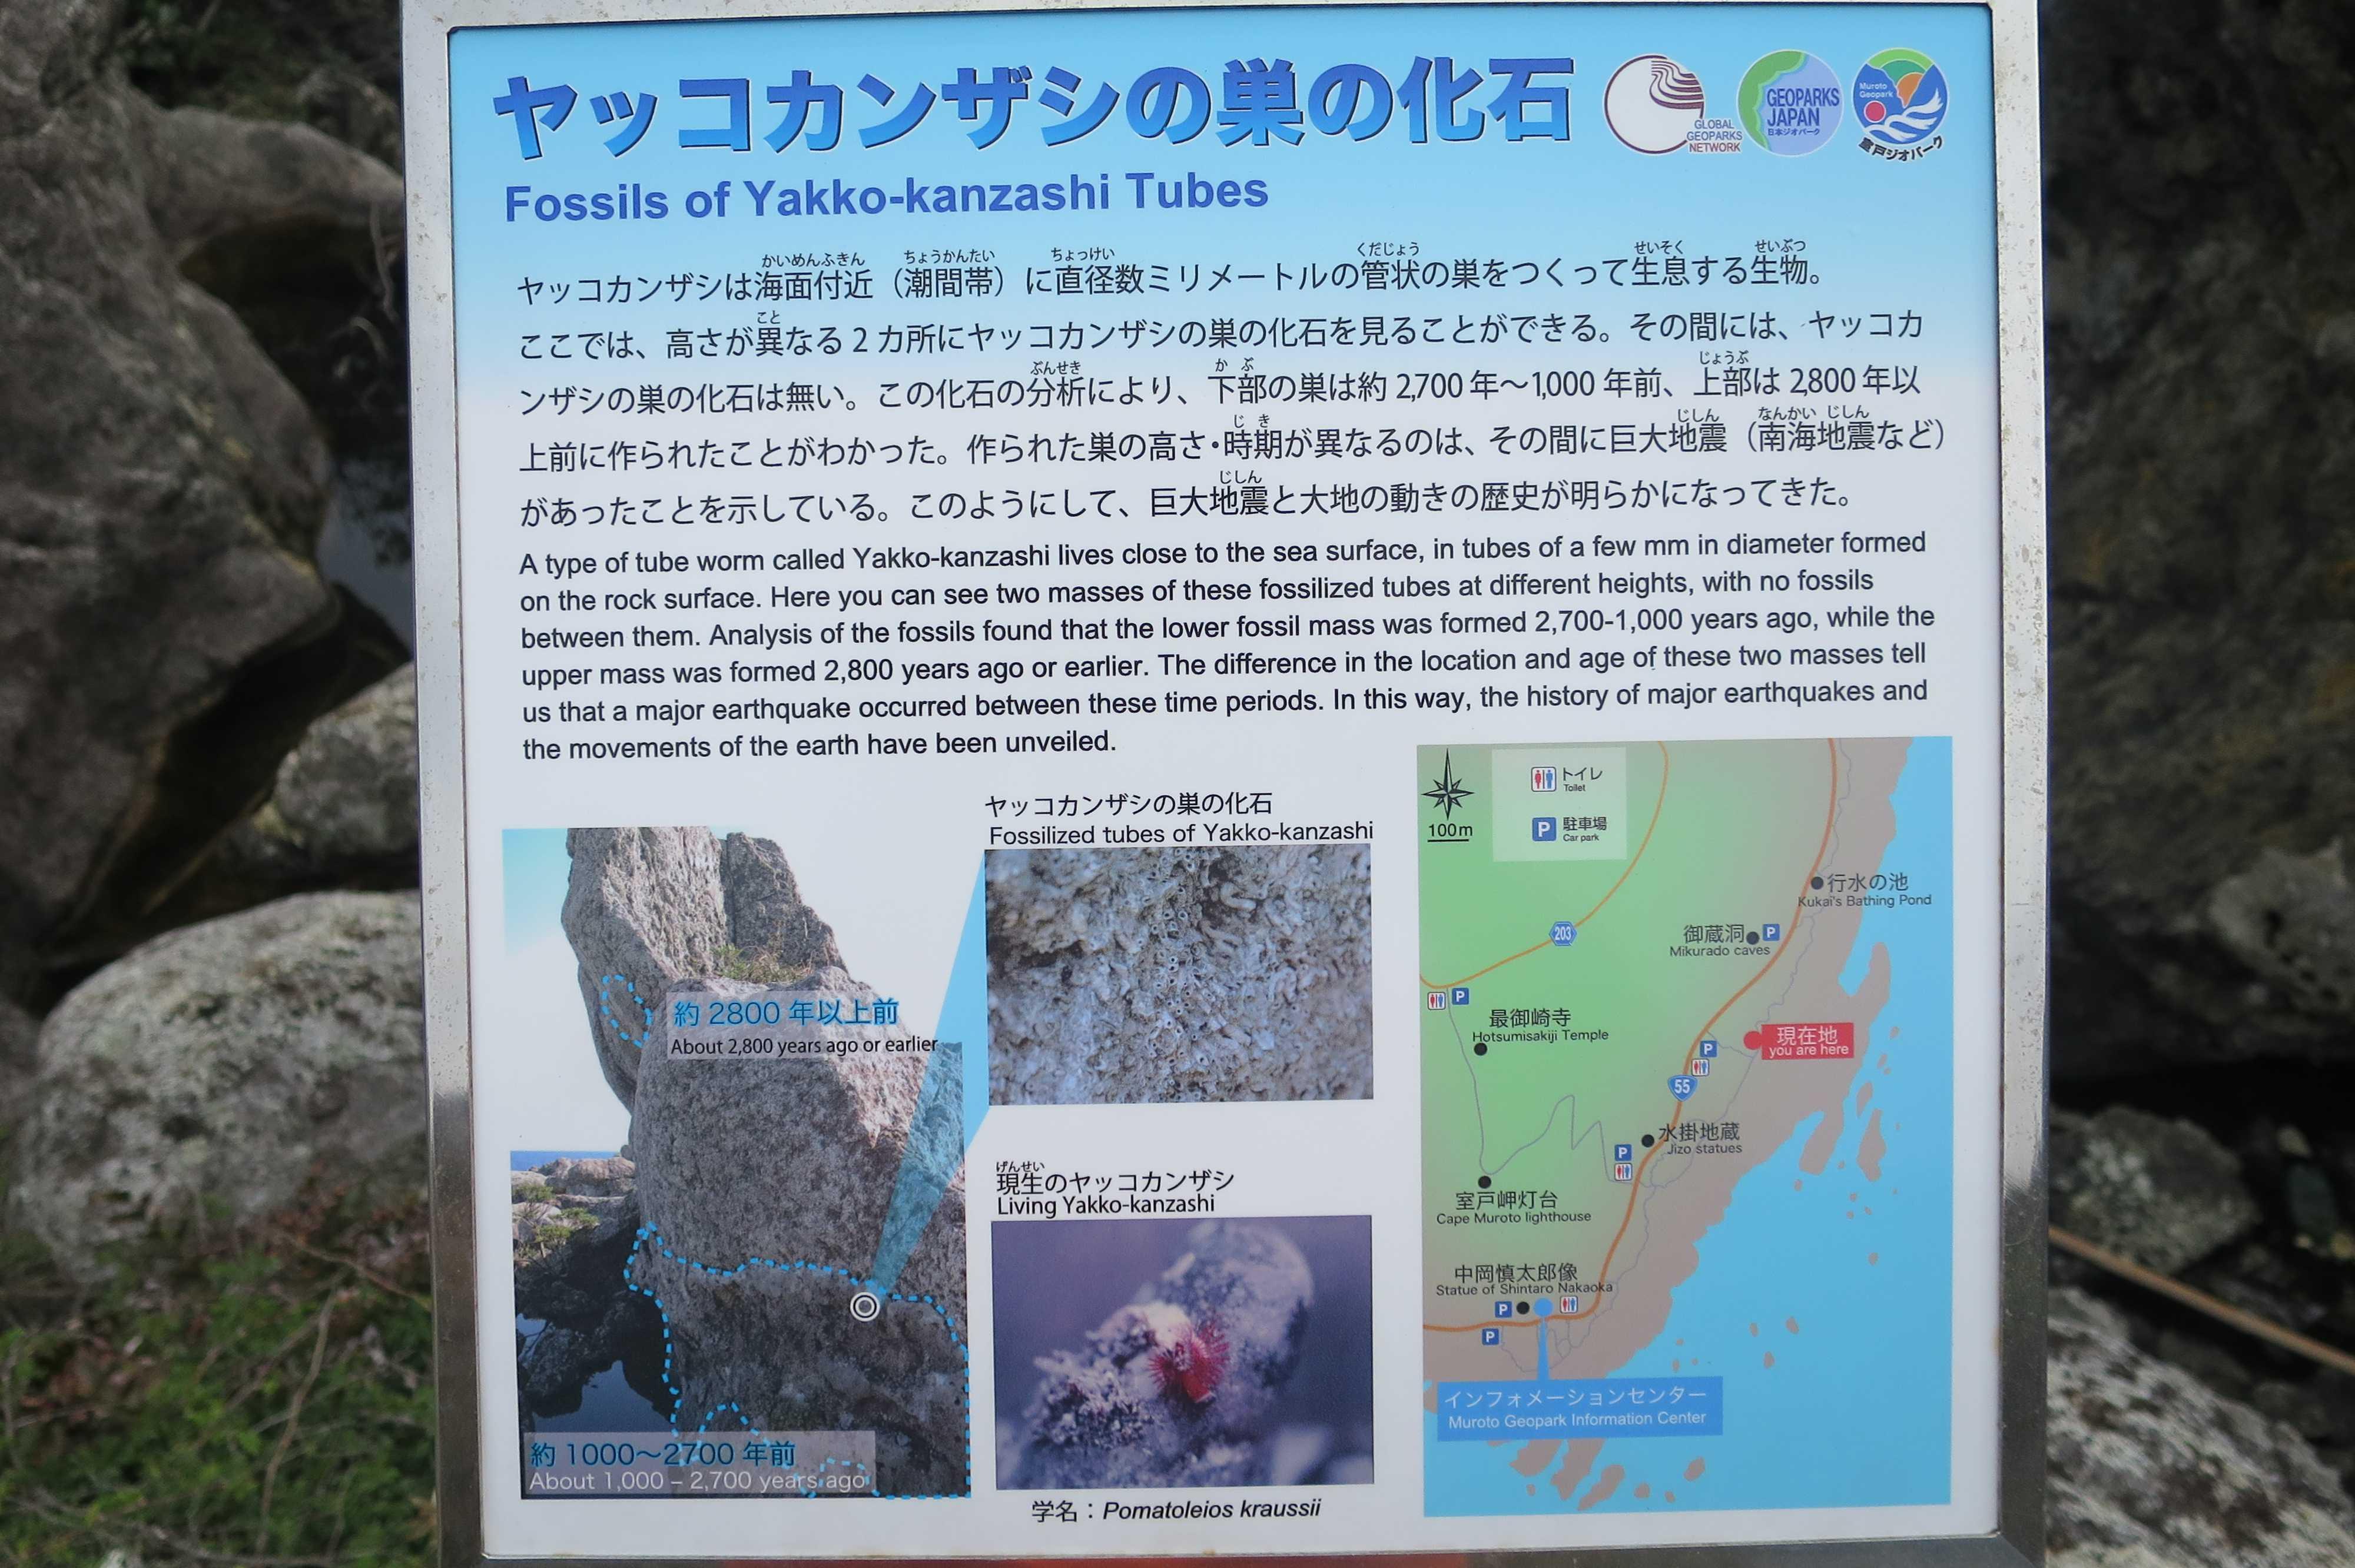 ヤッコカンザシの巣の化石 Fossils of Yakko-kanzashi Tubes - 室戸岬 乱礁遊歩道